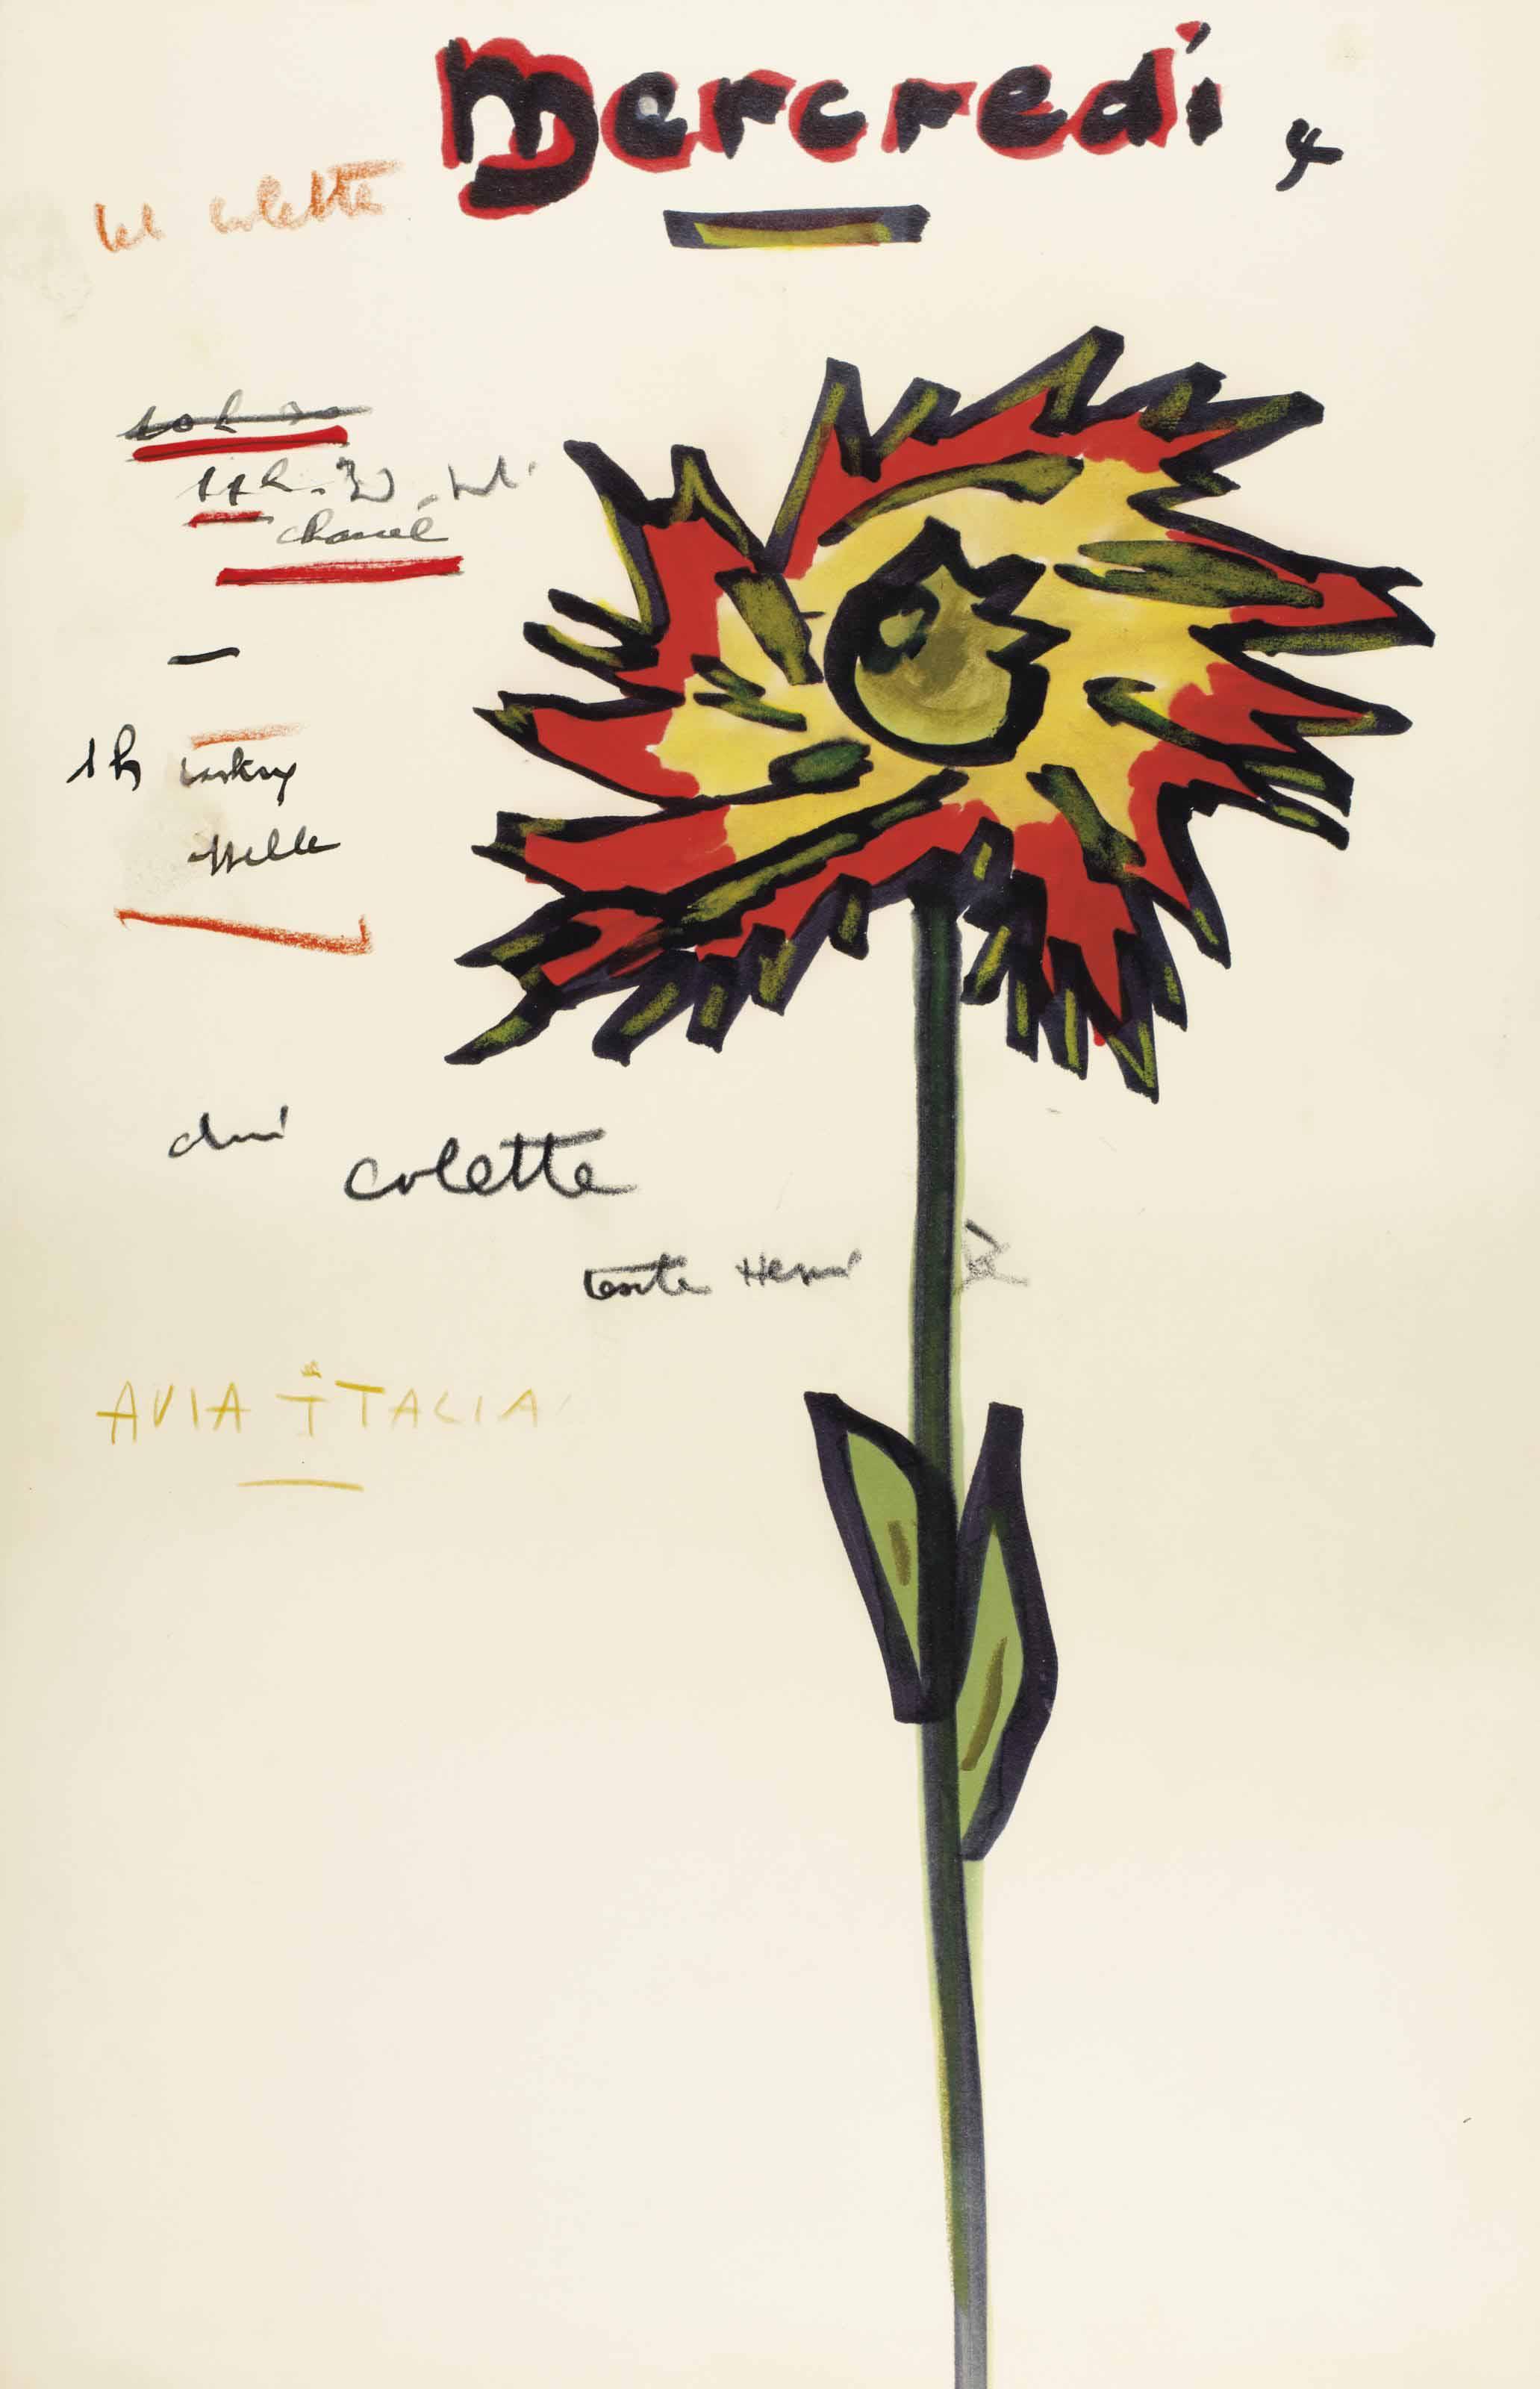 """PRÉVERT, Jacques (1900-1977). Éphéméride, """"Mercredi"""", un feuillet in-folio (417 x 268 mm), dessin original d'une grande fleur multicolore à droite, et notes autographes : """"Tel. Colette, 11h Chaul, Lasky, Avia Italia""""."""